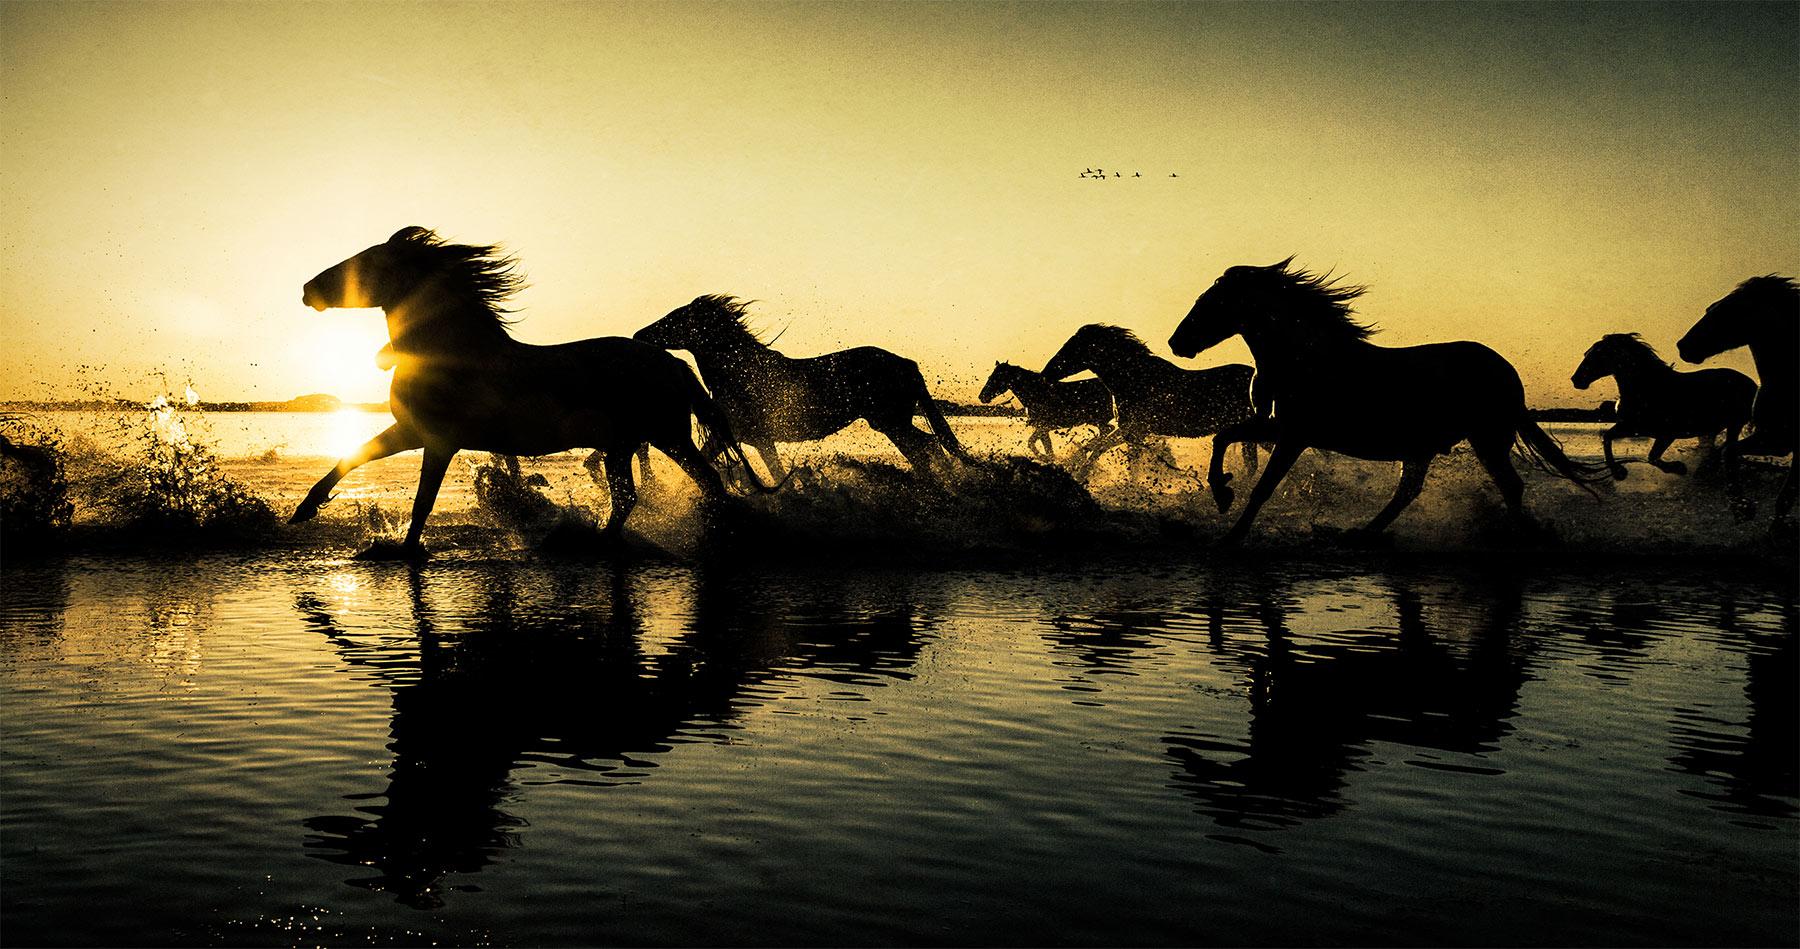 camargue_horses_silhouette_intro